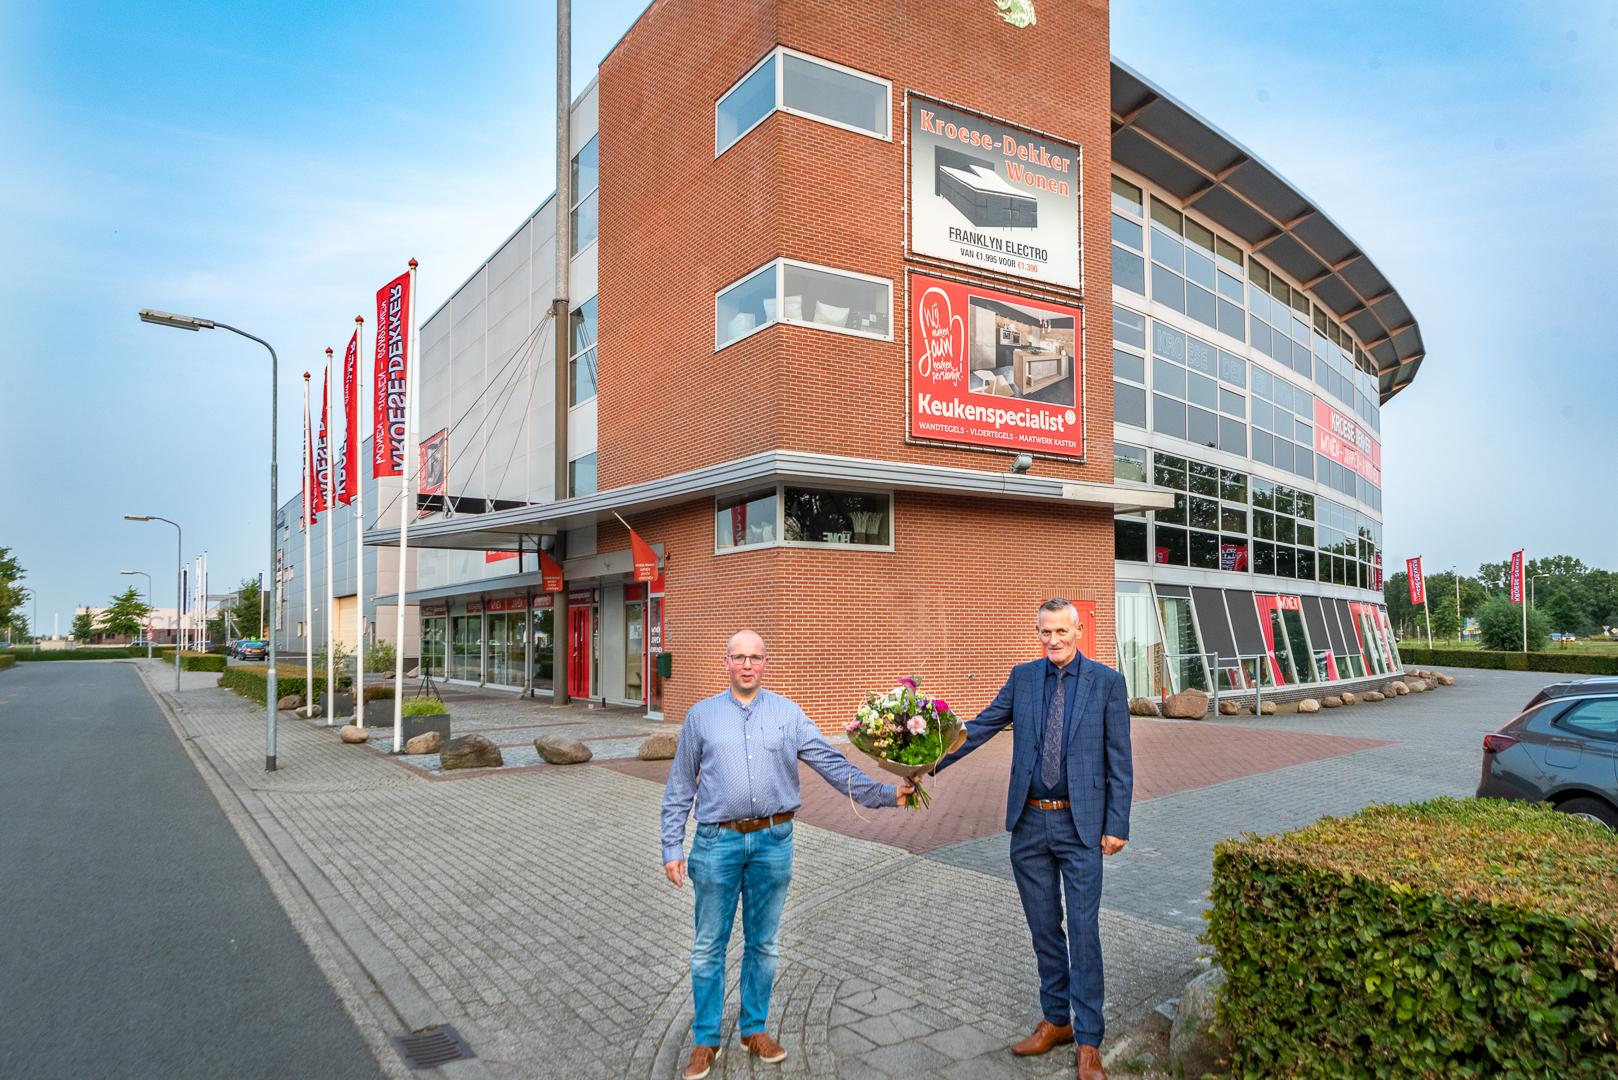 Keukenspecialist Elburg verlengt als sponsor - Elburger SC